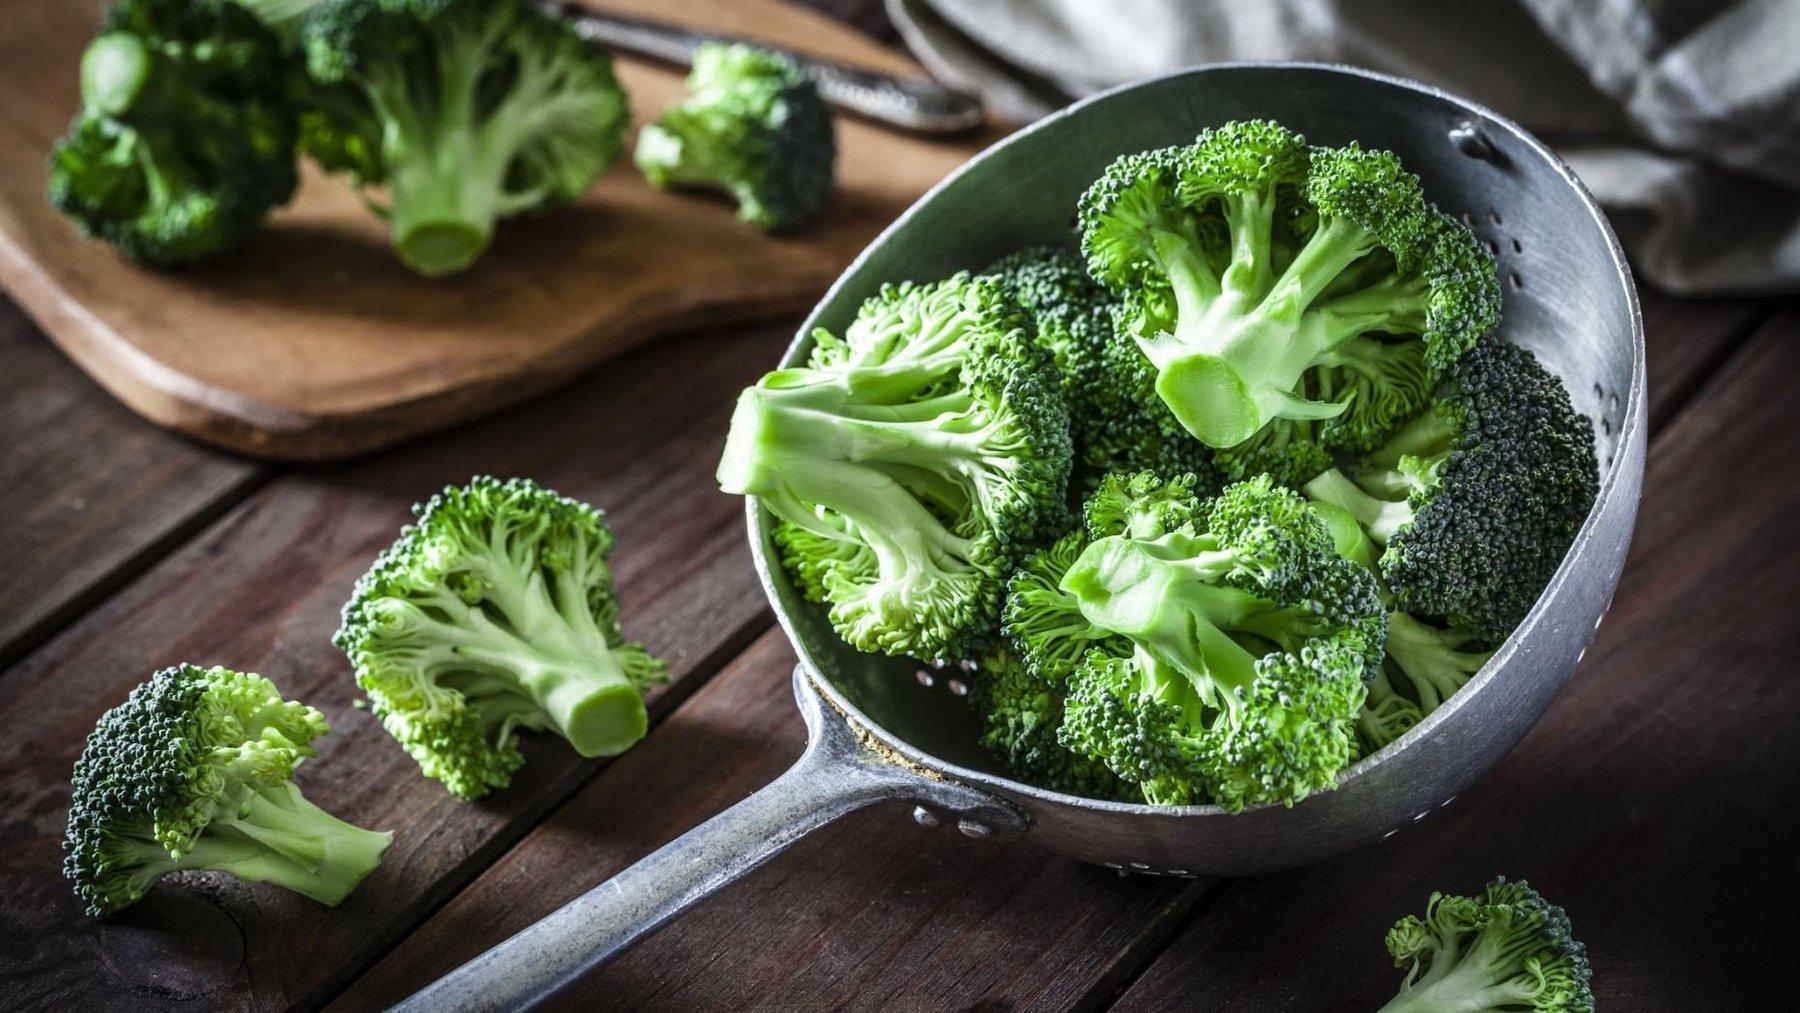 Bông cải xanh tốt cho nam giới bị suy giảm sinh lý